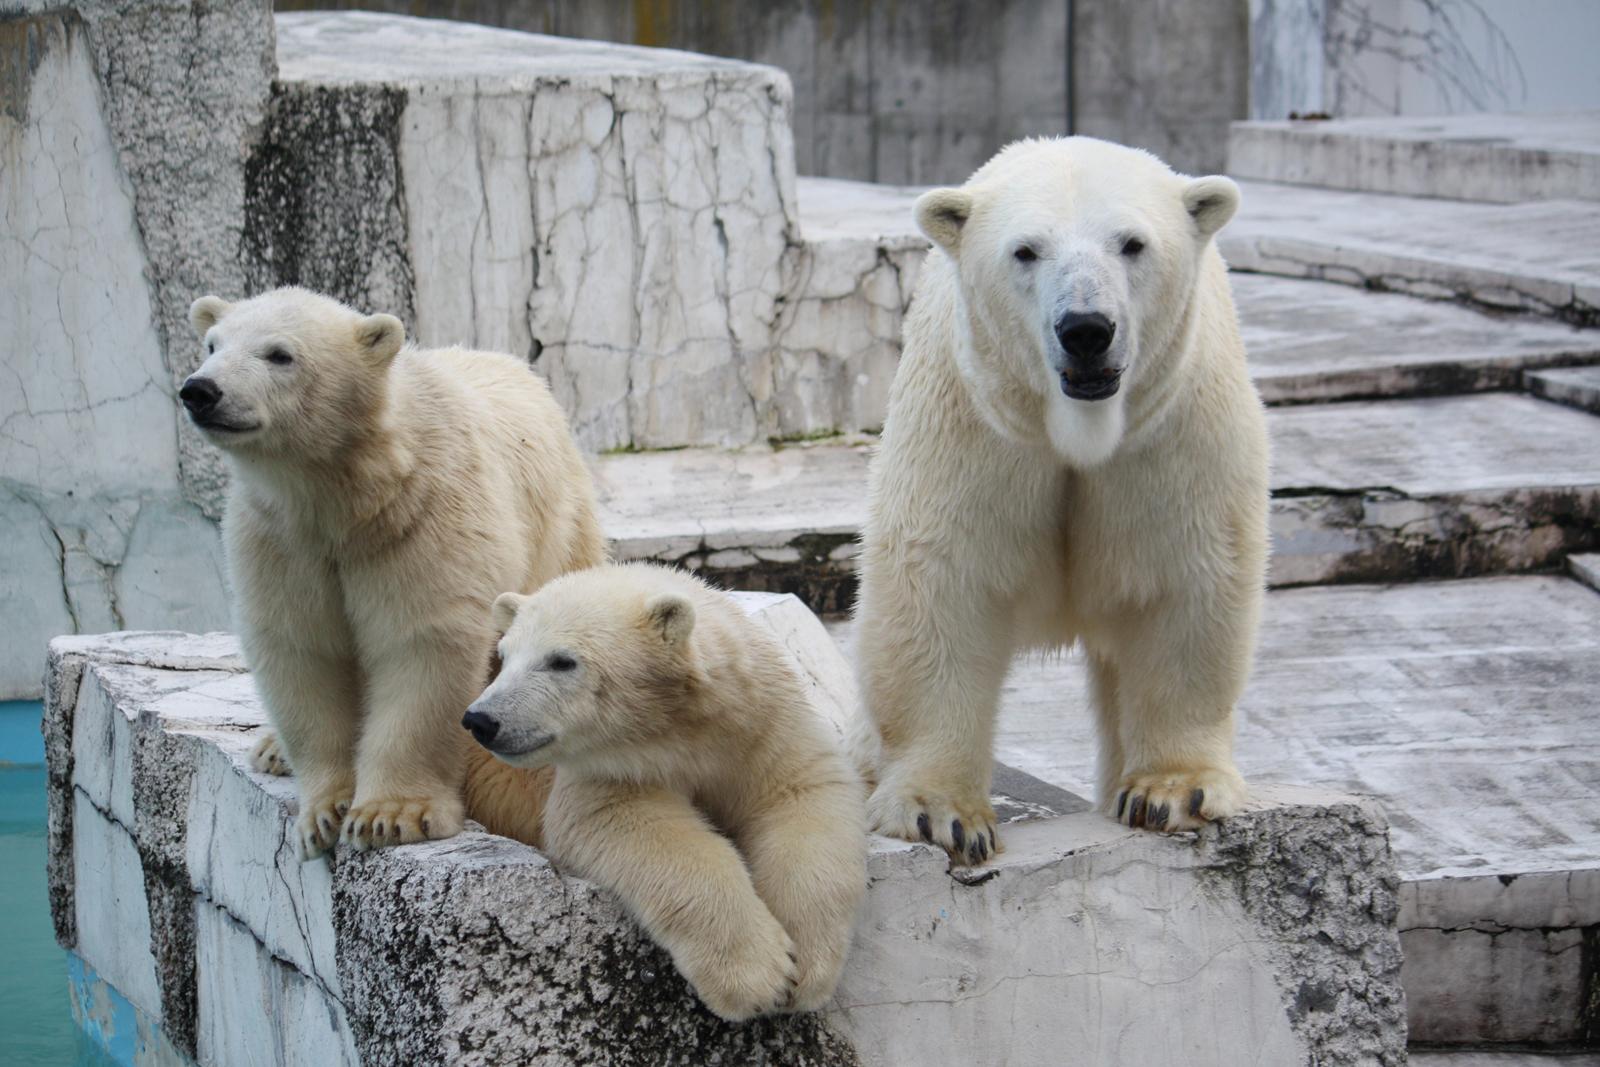 今年度で7年目 2016年森の散策タイム 円山動物園 (5/7〜10/30) 札幌